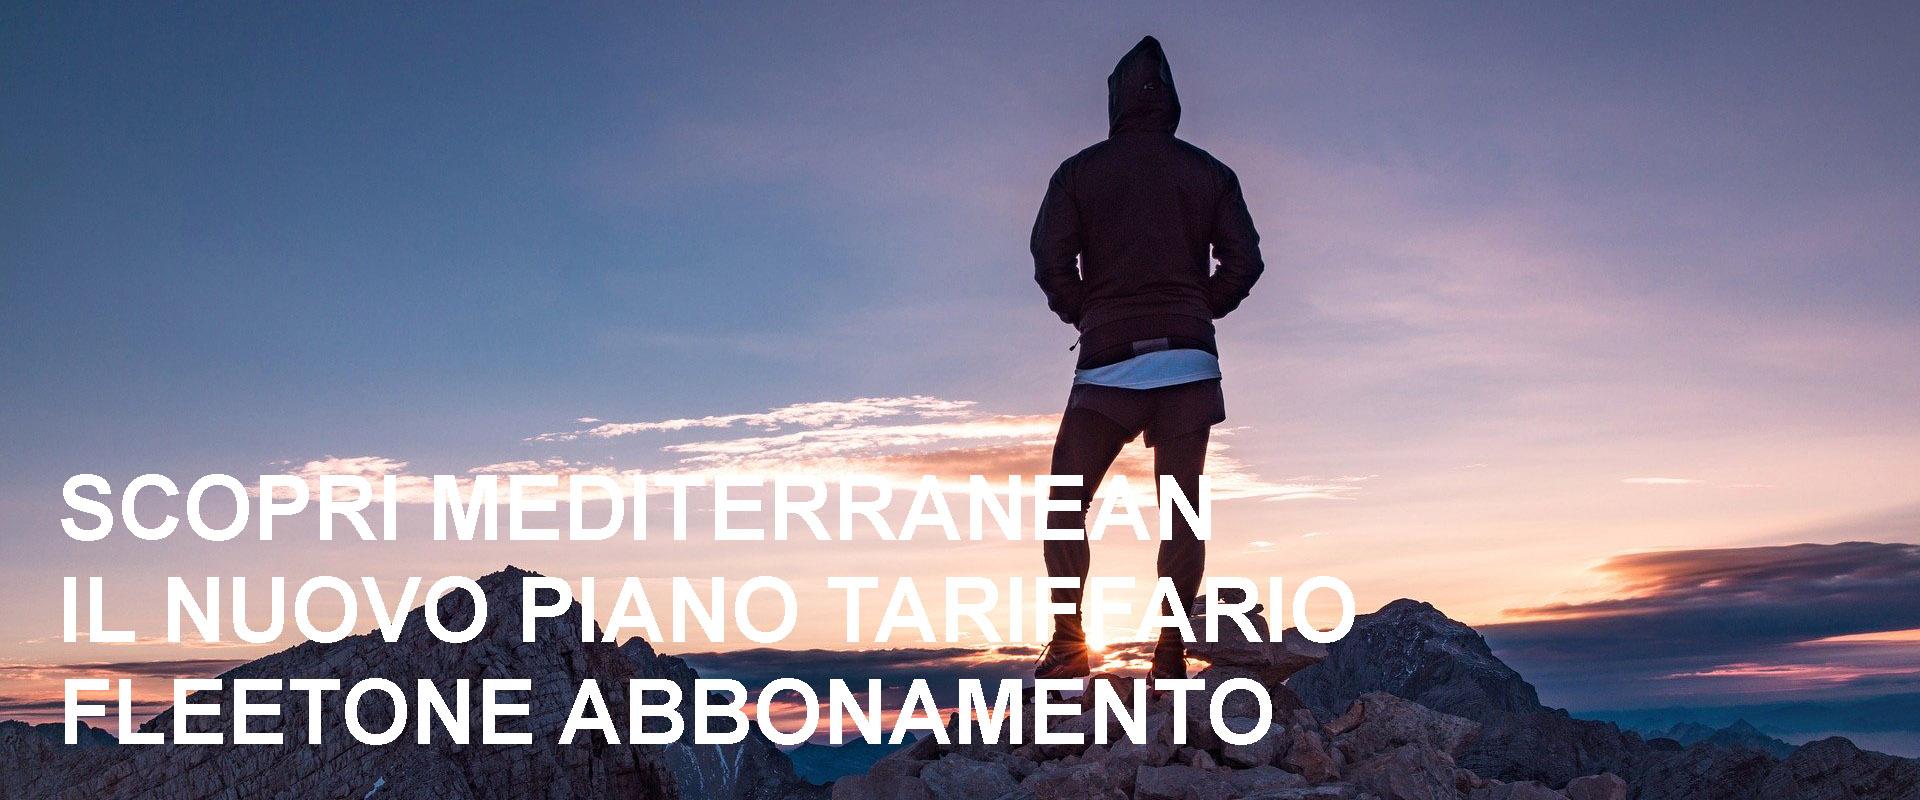 SCOPRI MEDITERRANEAN, IL NUOVO PIANO TARIFFARIO FLEETONE ABBONAMENTO